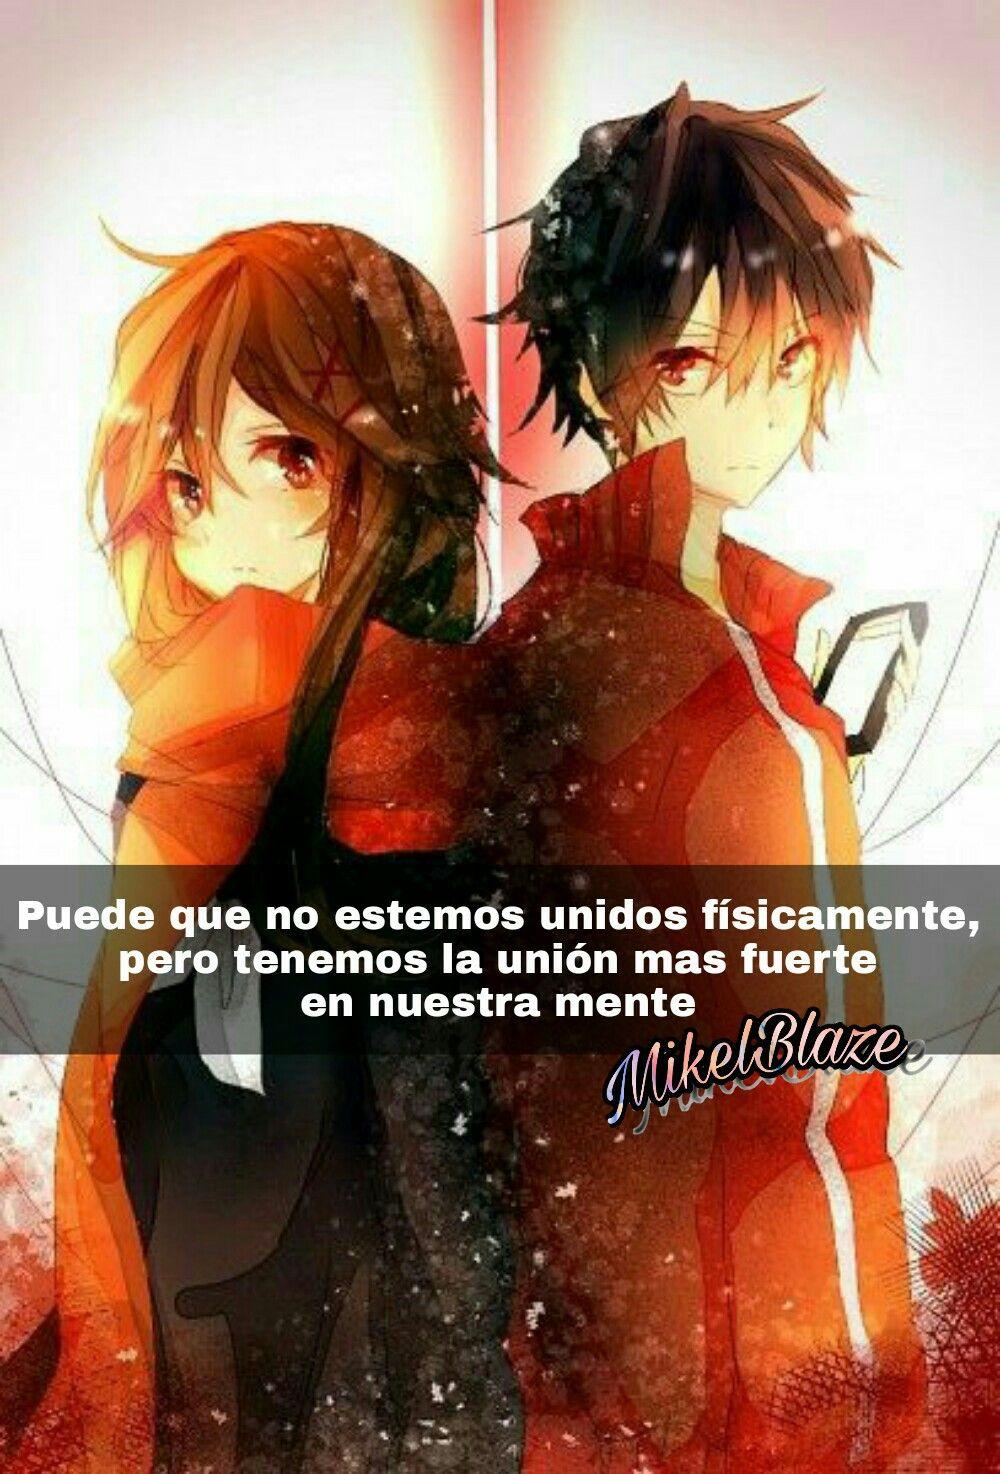 Frases Anime Amor Dibujos Anime Anime Manga Y Anime